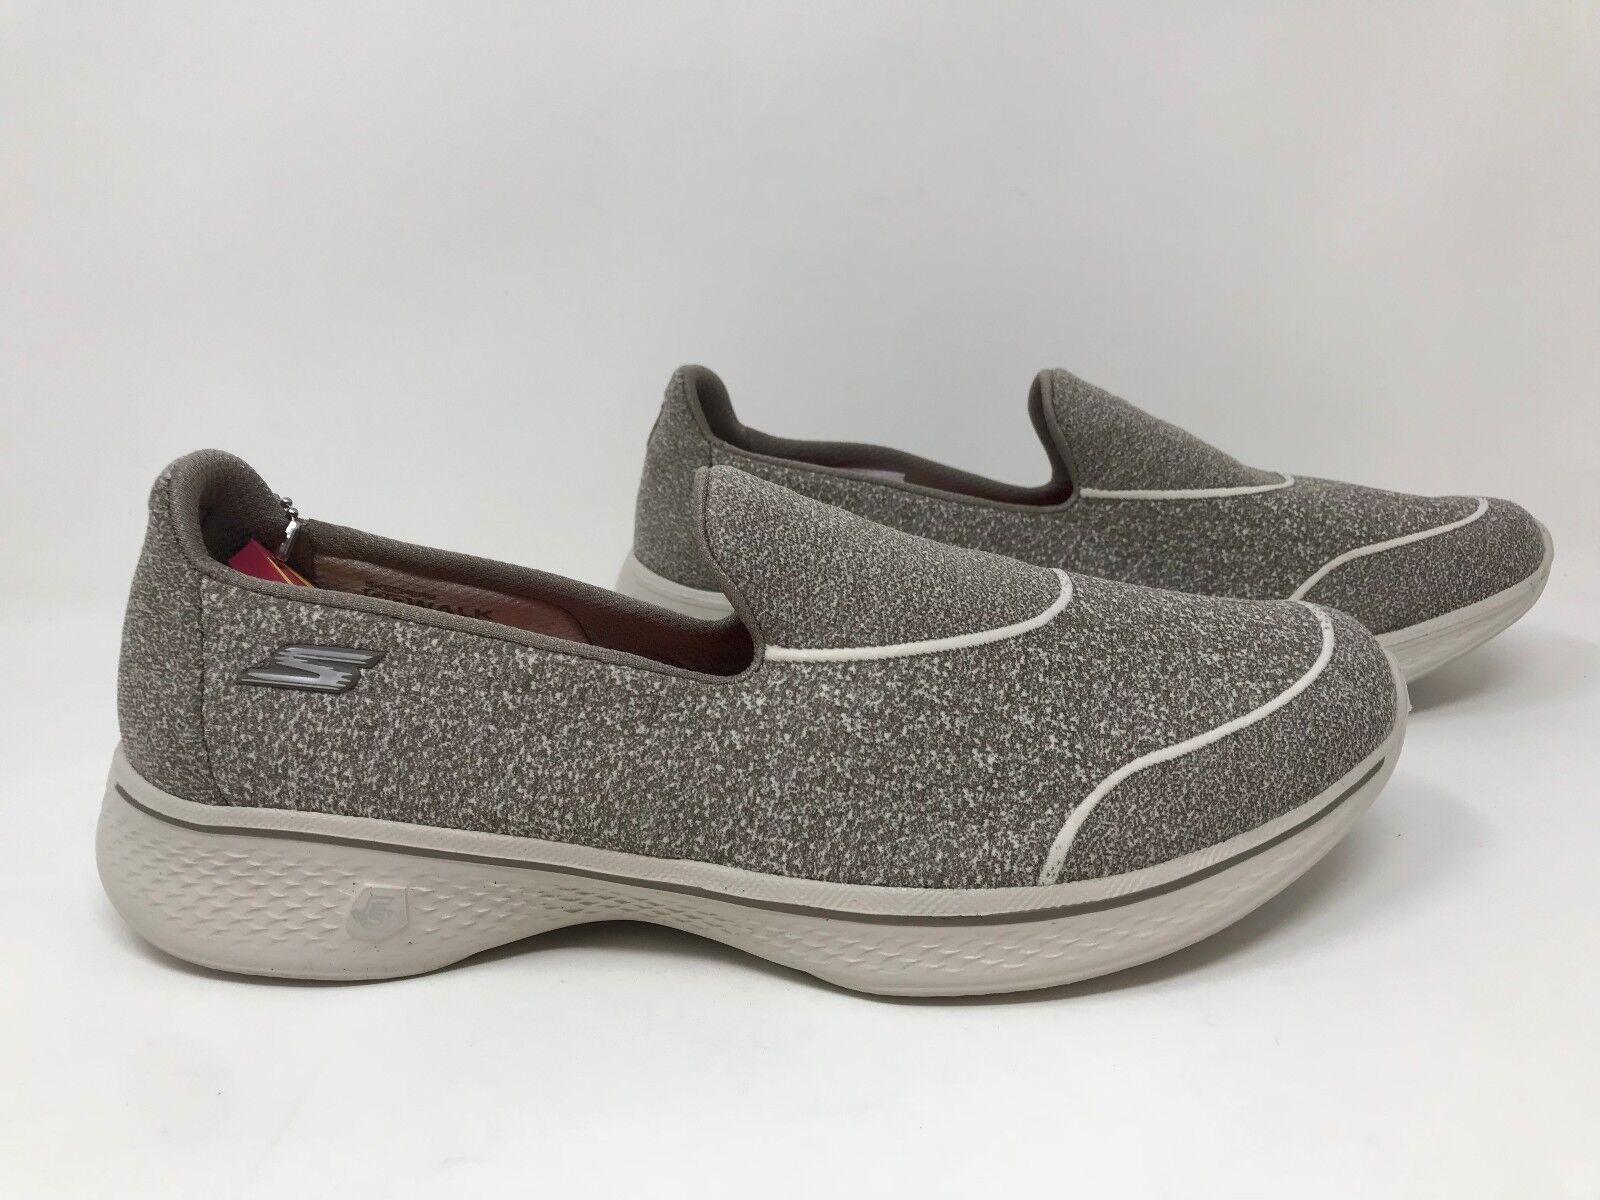 New  Women's Skechers 14161 GoWalk 4- Super Sock 4 Slip-Ons - Taupe S34